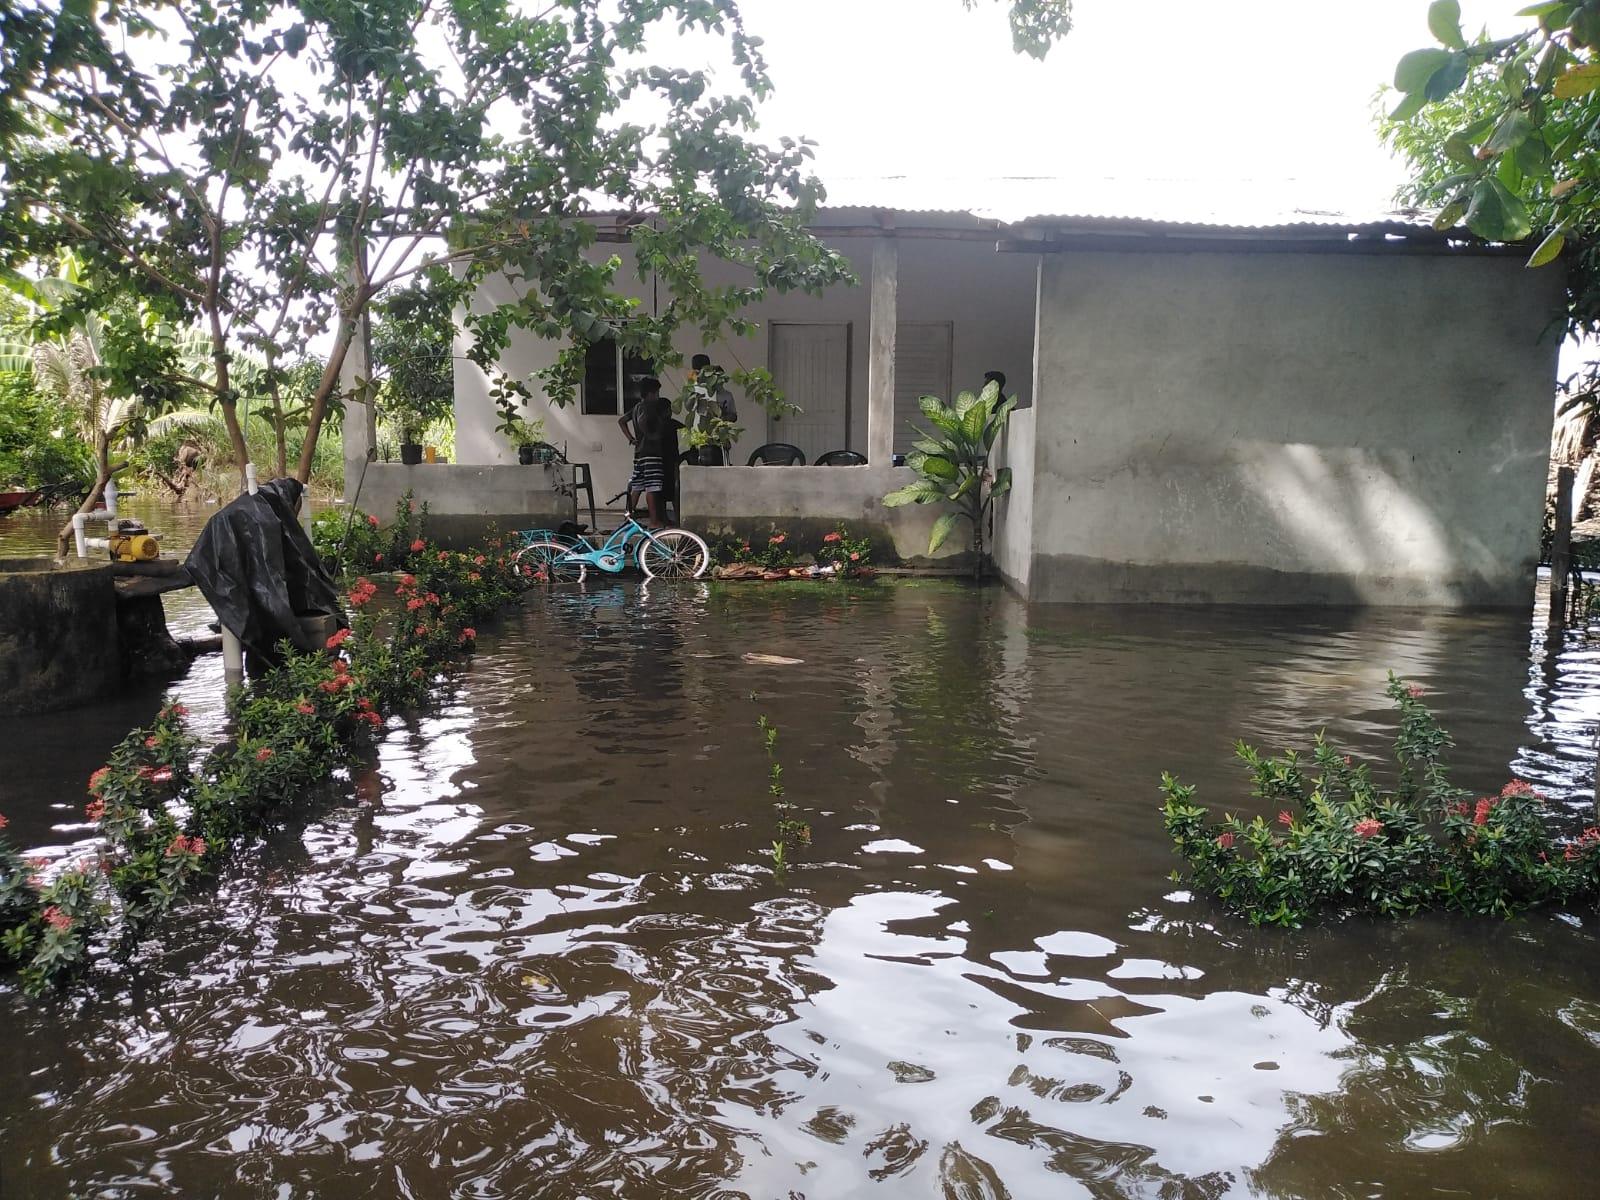 Guatemala registra 27 muertos y más de 1,36 millones afectados por lluvias - Prensa Libre